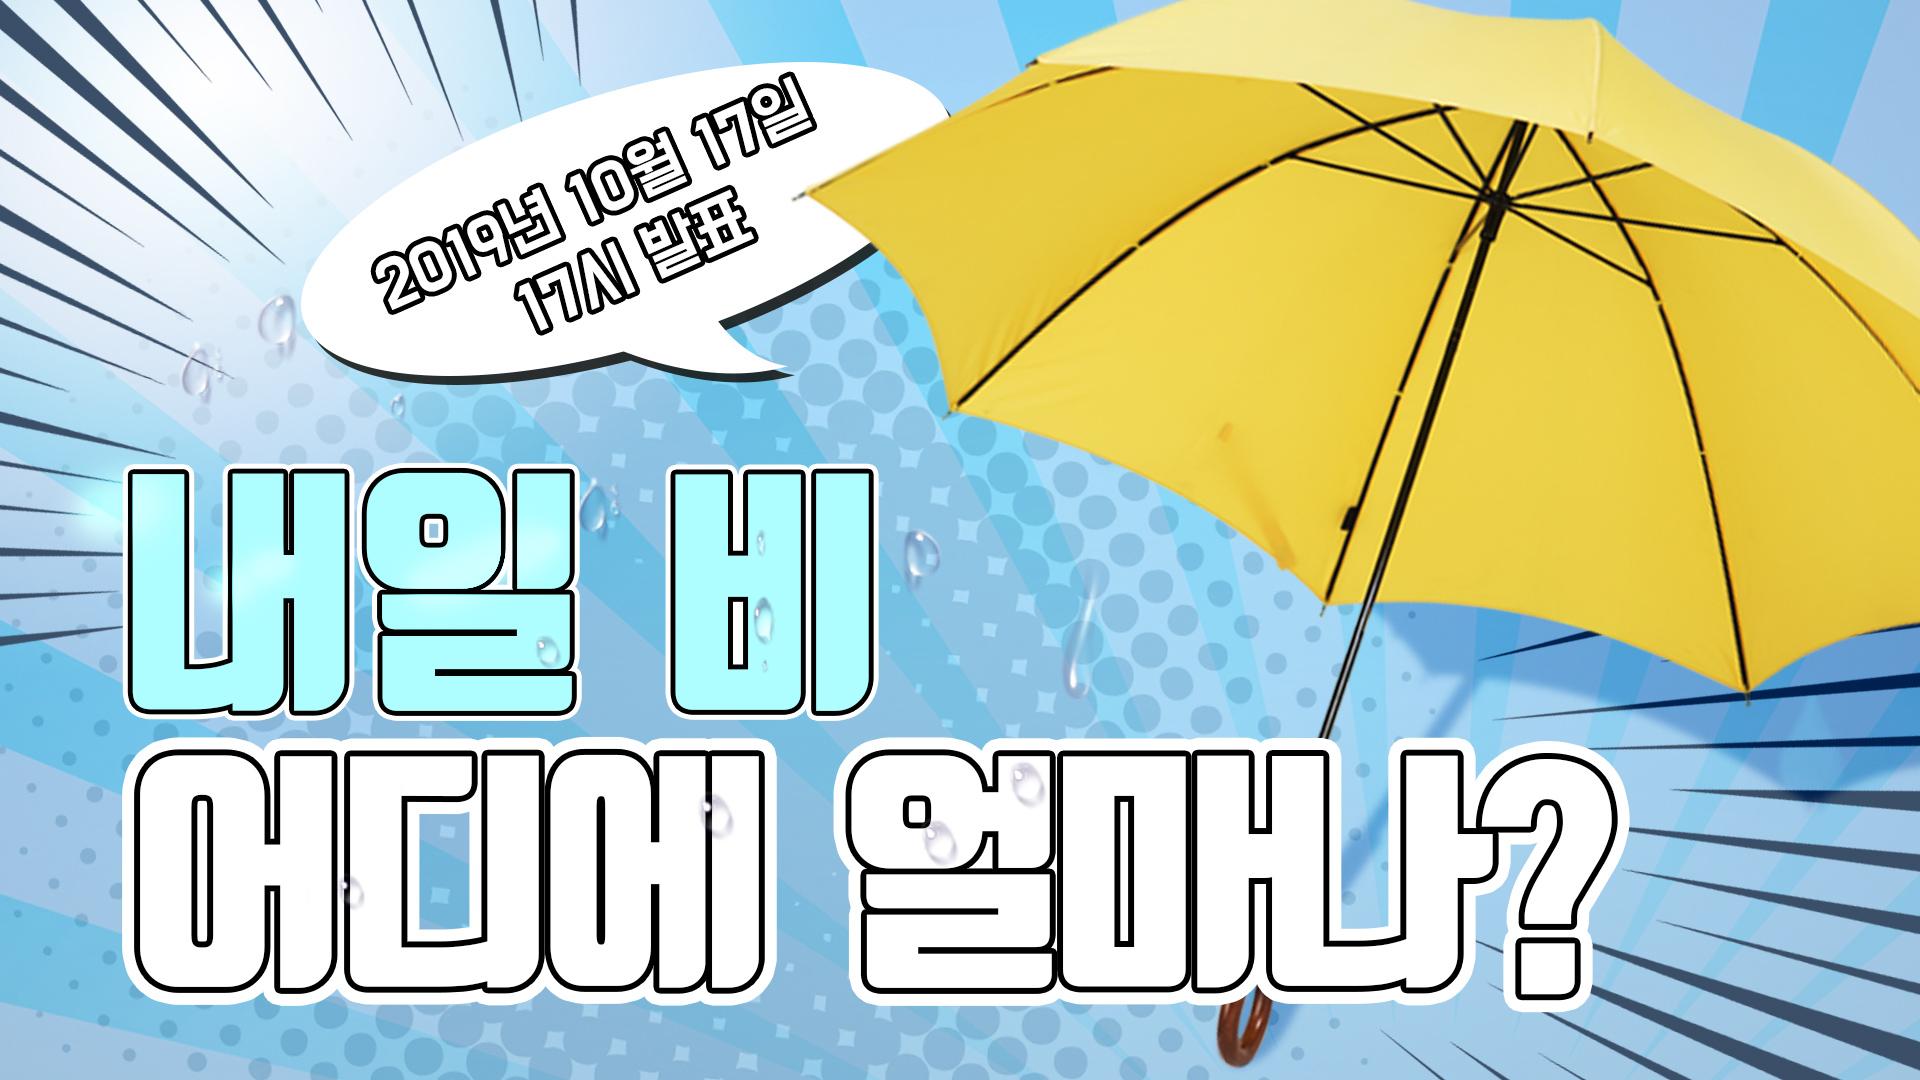 [예보가 알고싶다]  내일(18일) 대부분 지역 가끔 비 또는 빗방울